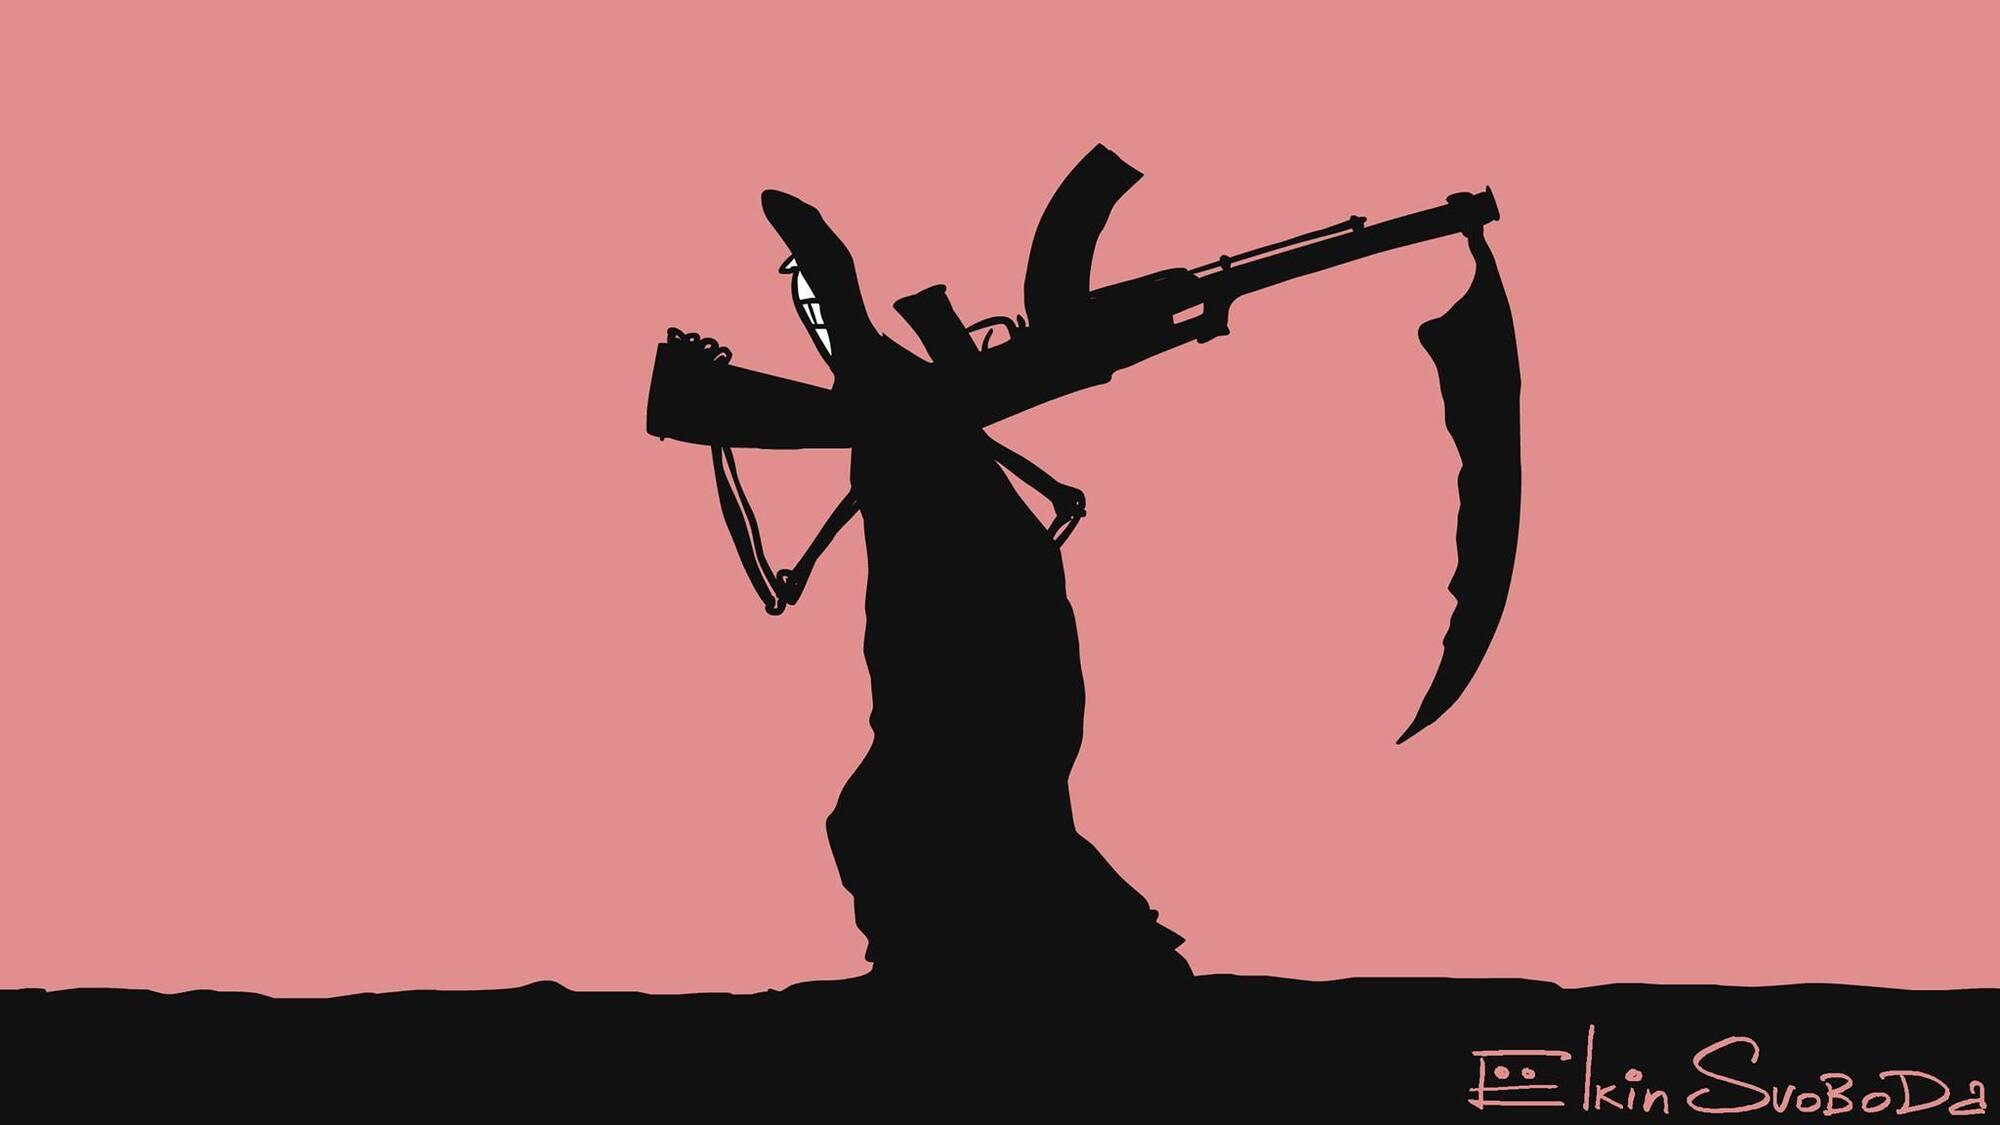 На памятнике Калашникову в Москве обнаружили чертеж немецкой штурмовой винтовки - Цензор.НЕТ 8223